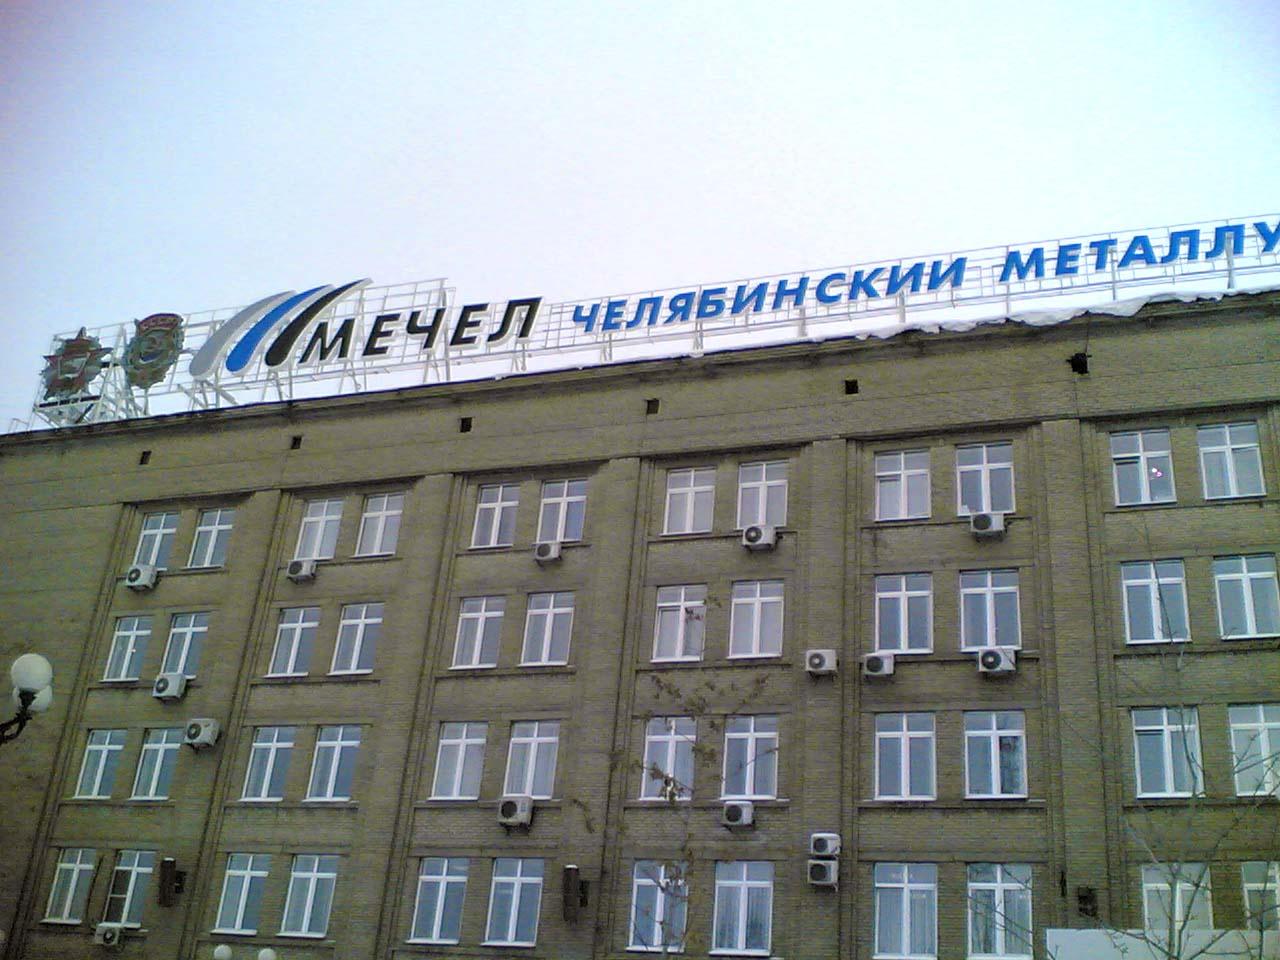 Как сообщили агентству «Урал-пресс-информ» в пресс-службе компании, во время Великой Отечественно